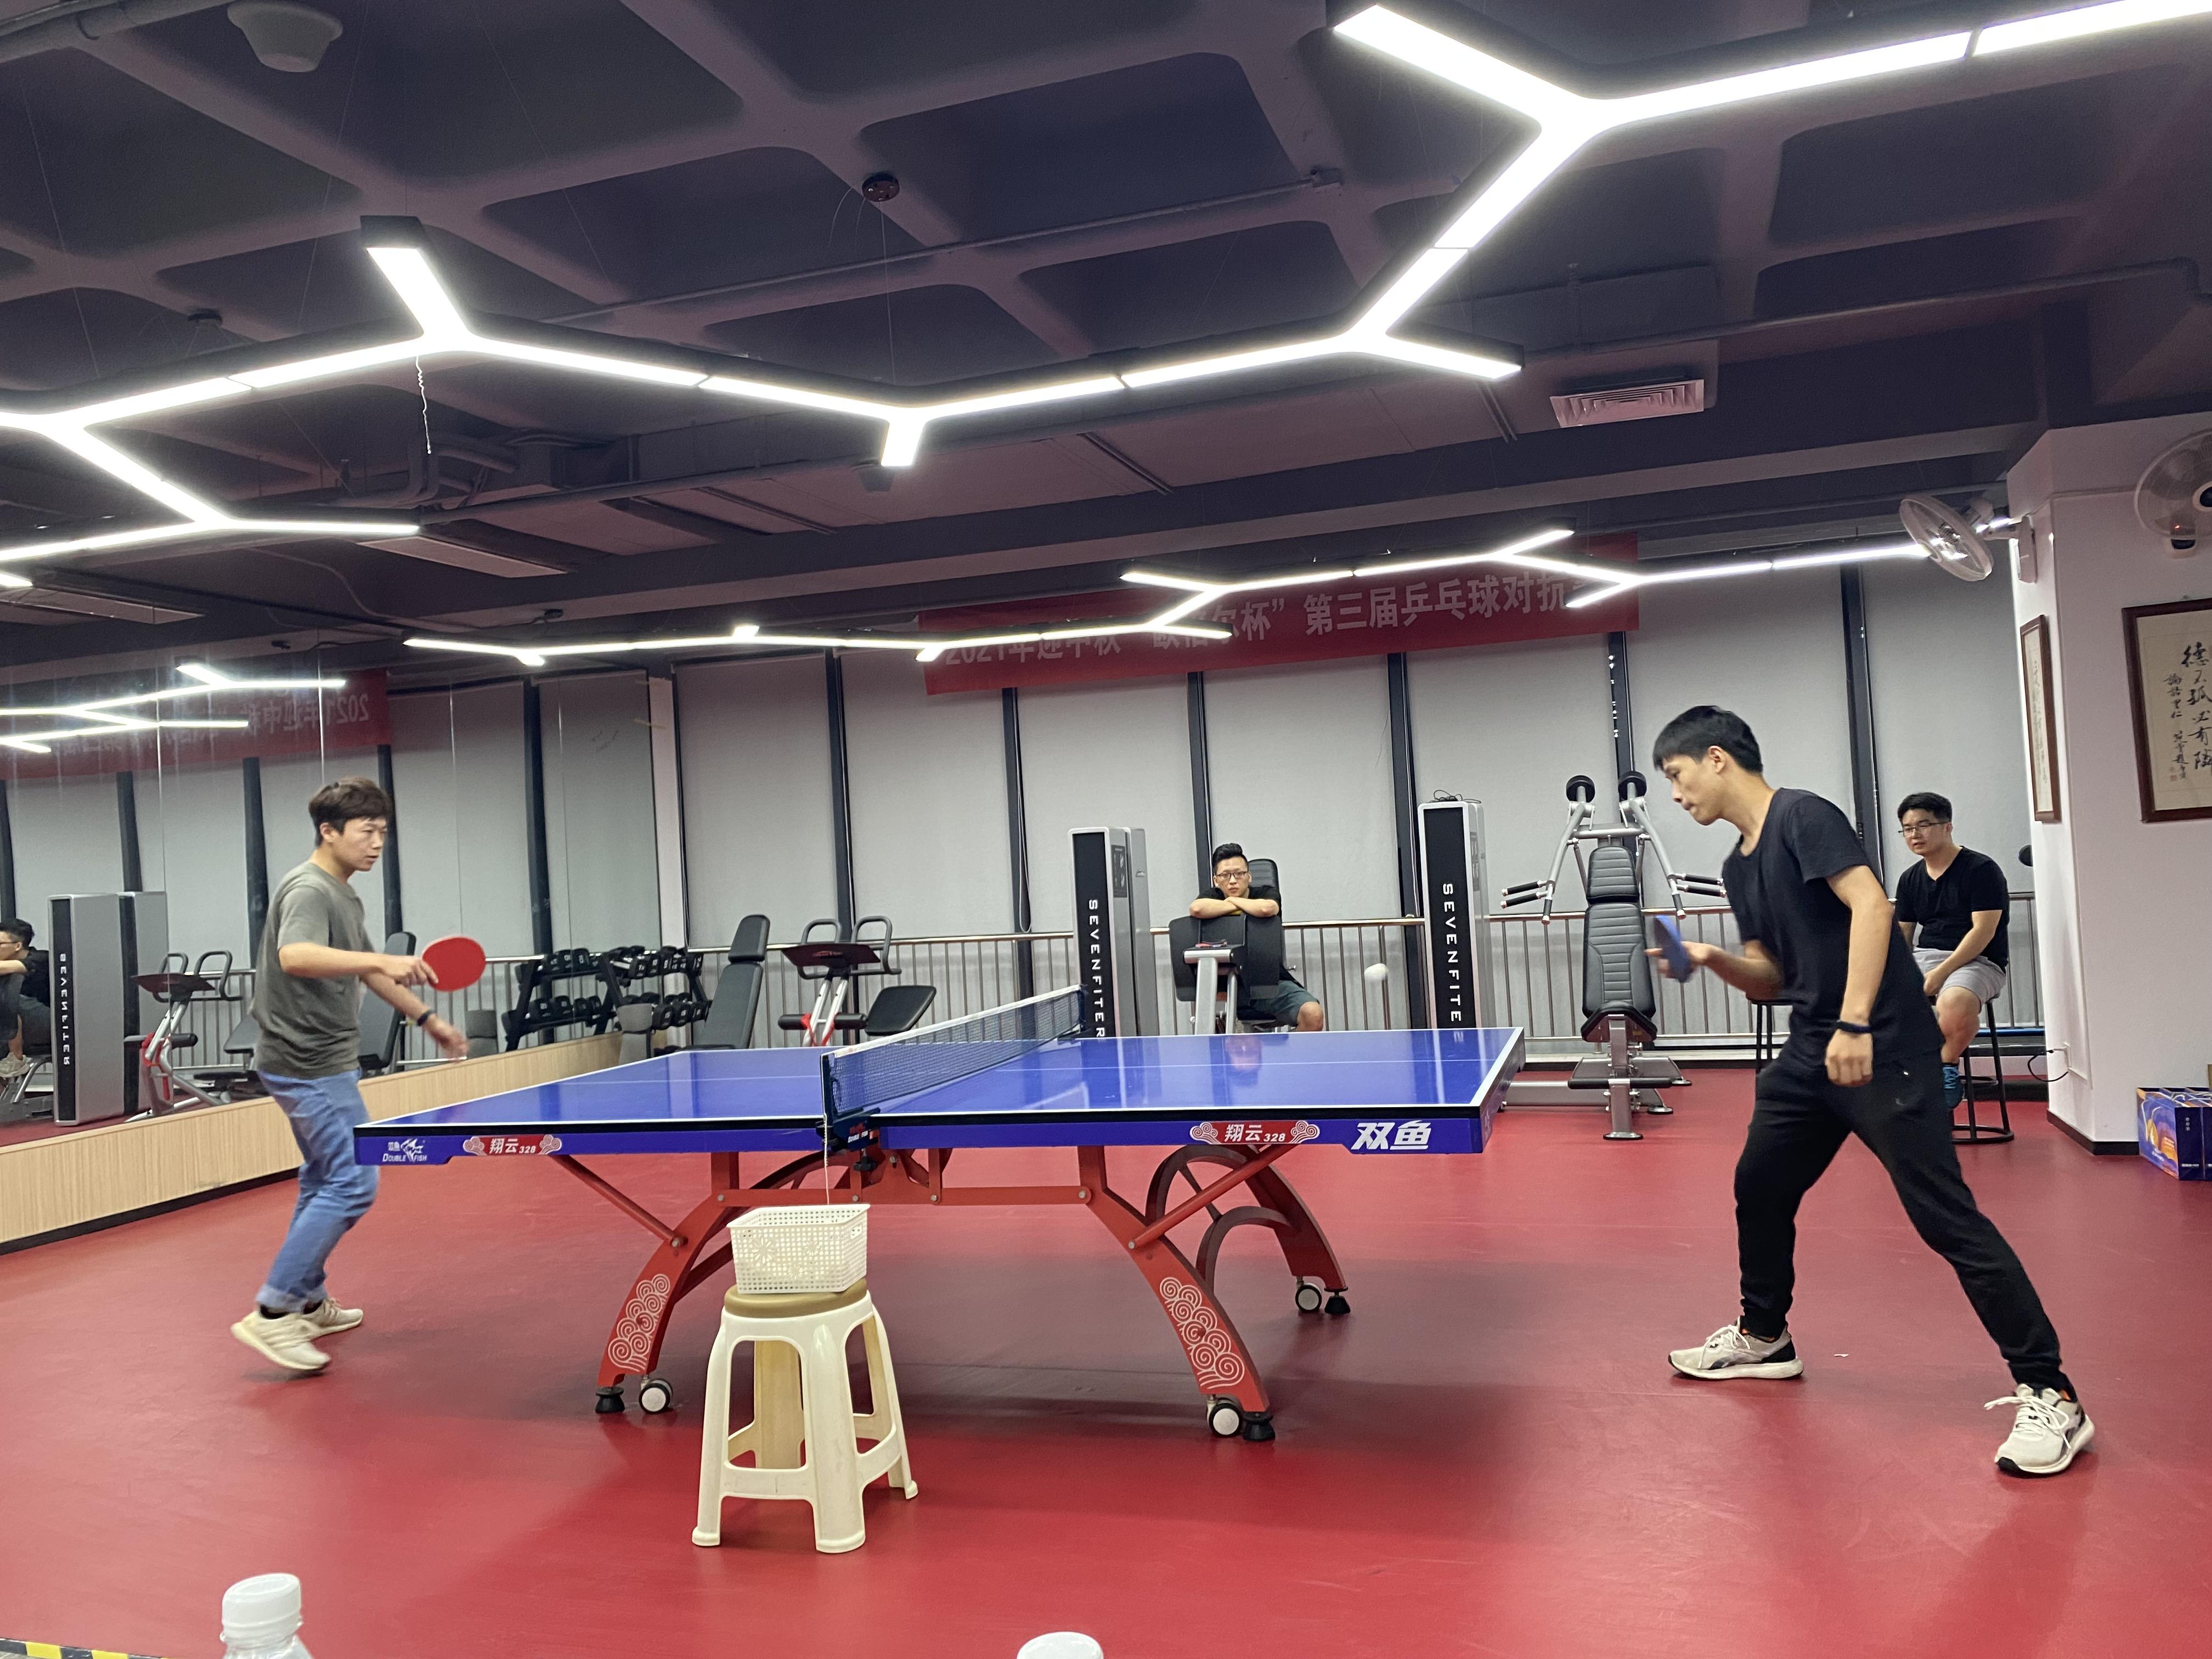 中秋快乐!月满情深,乒乓相伴,北京欧倍尔与您共婵娟